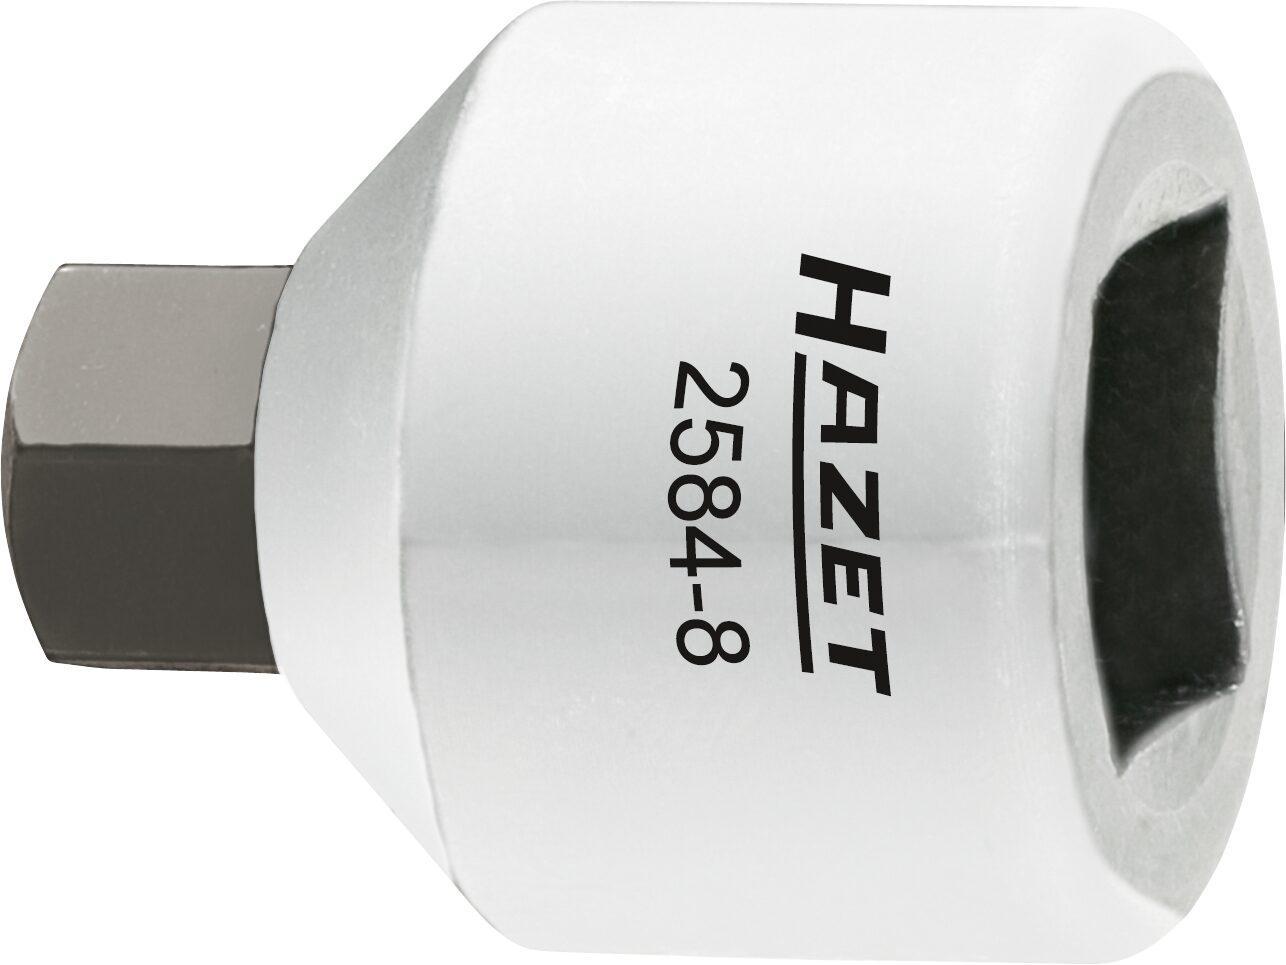 HAZET Bremssattel Schraubendreher-Steckschlüsseleinsatz 2584-8 ∙ Vierkant hohl 10 mm (3/8 Zoll) ∙ Innen-Sechskant Profil